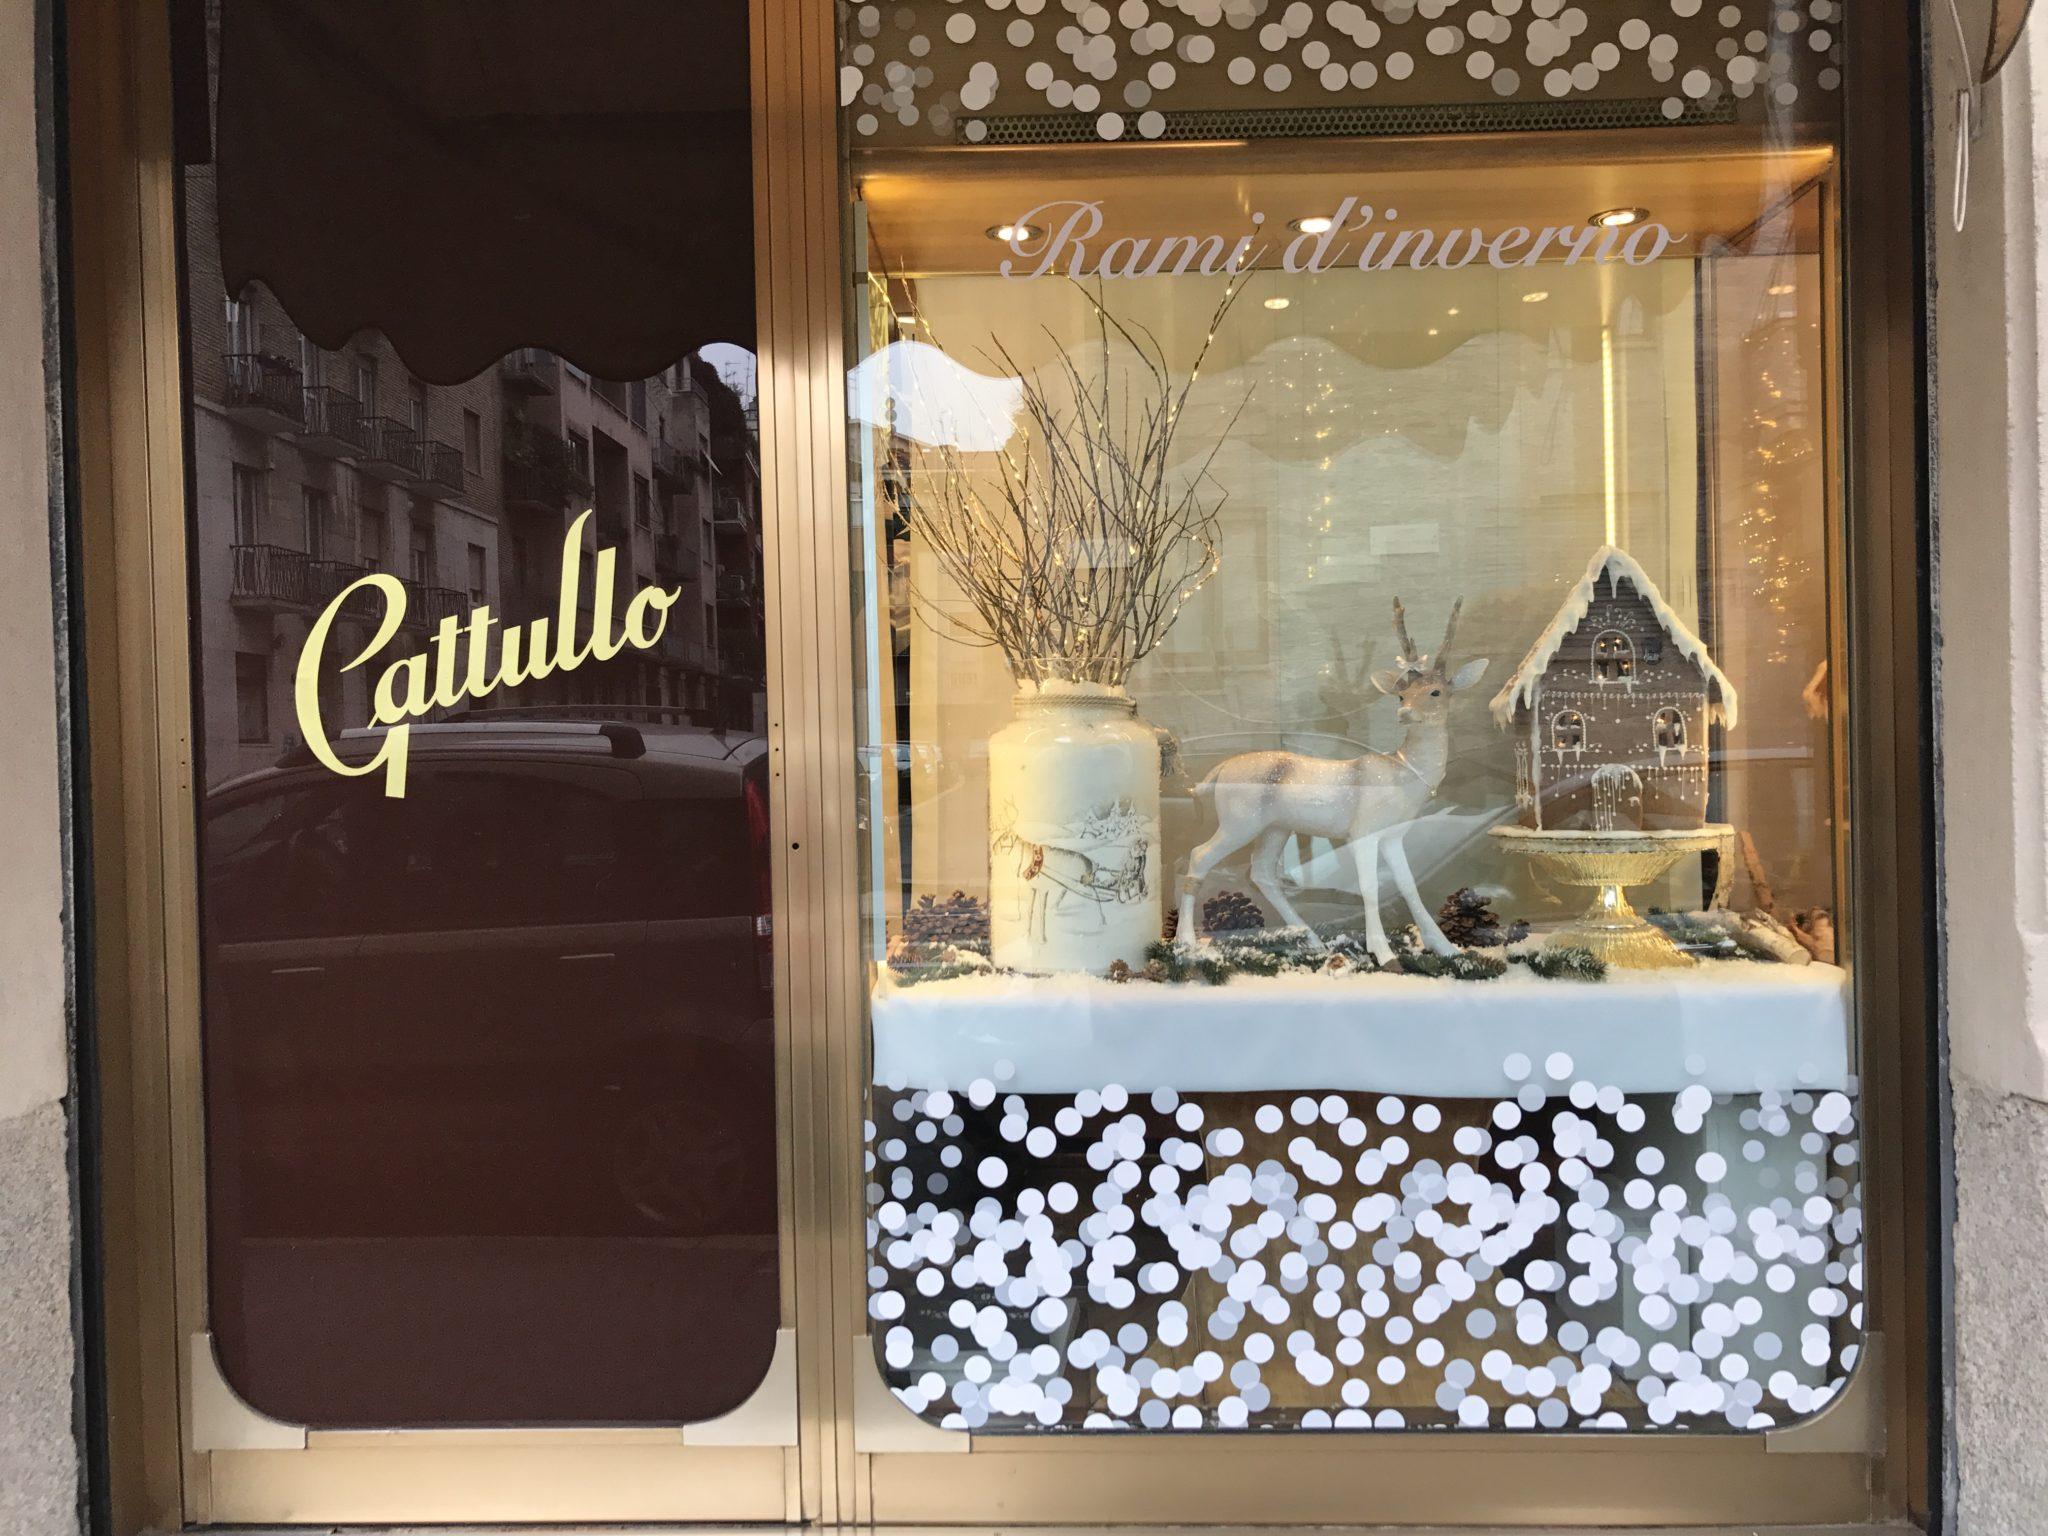 Siamo stati in uno dei laboratori dove nasce il panettone di Milano. Il dolce tipico di Natale, fra tradizione, artigianalità e sapori nuovi